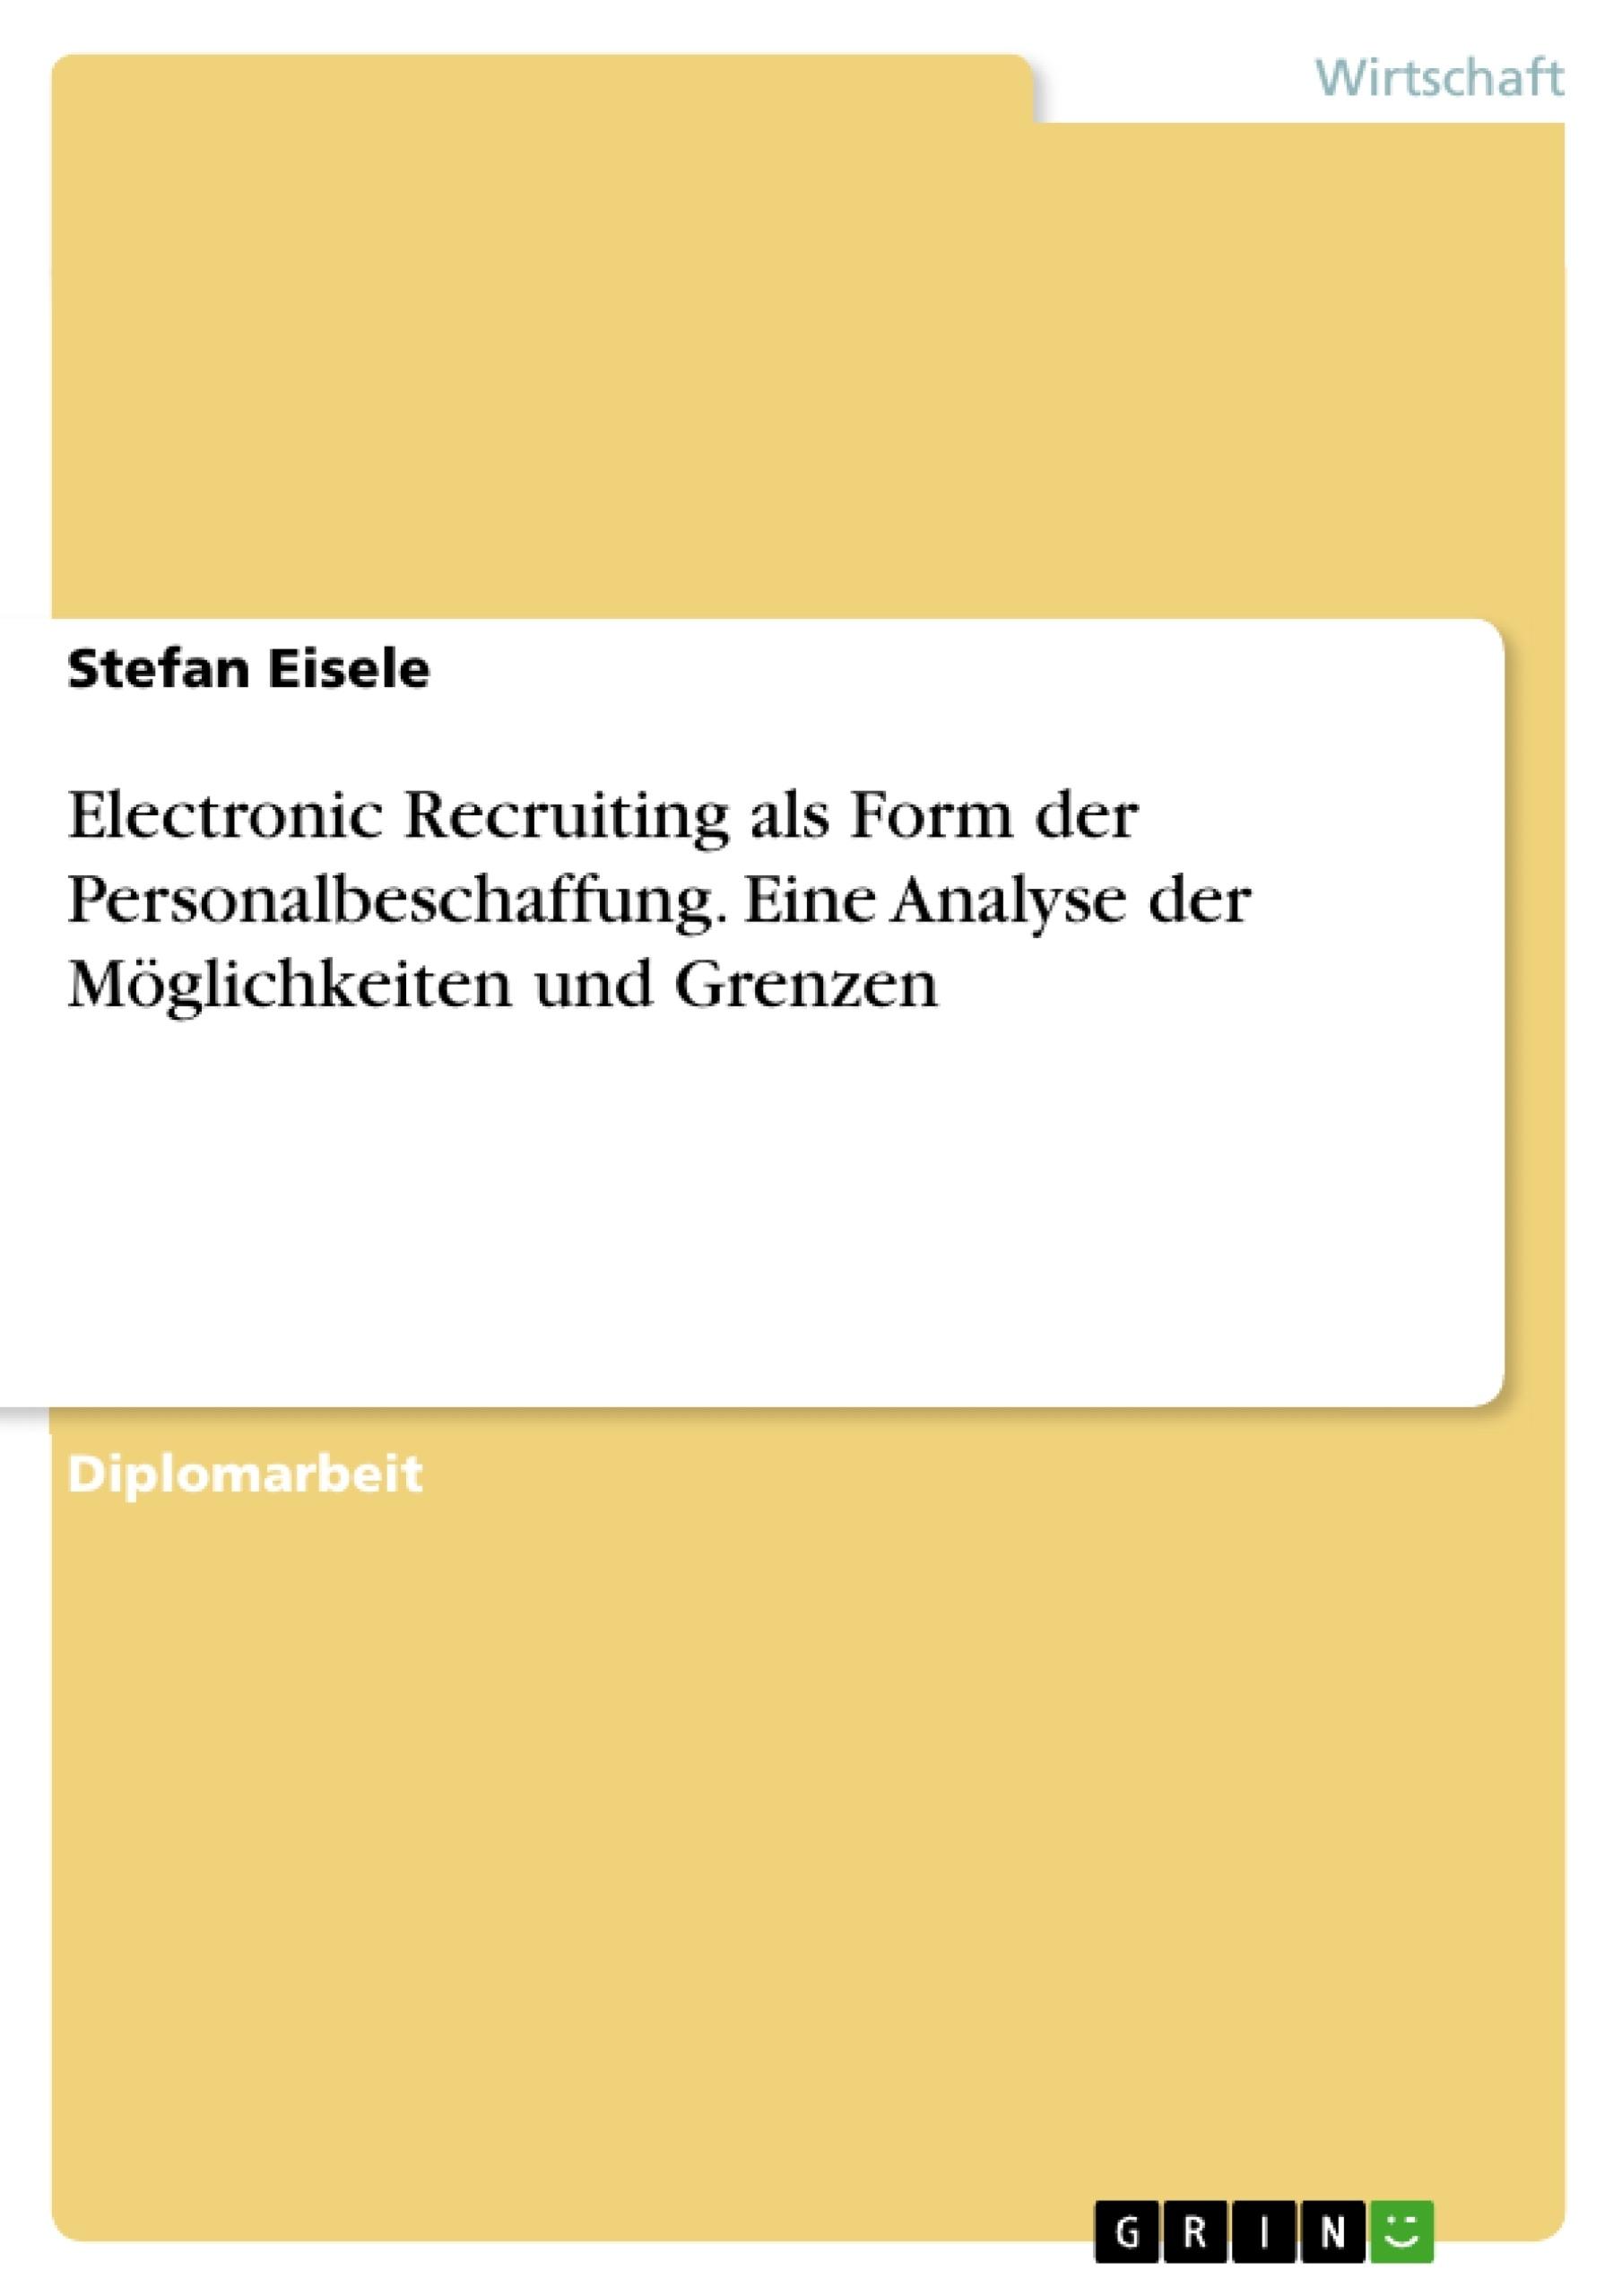 Titel: Electronic Recruiting als Form der Personalbeschaffung. Eine Analyse der Möglichkeiten und Grenzen